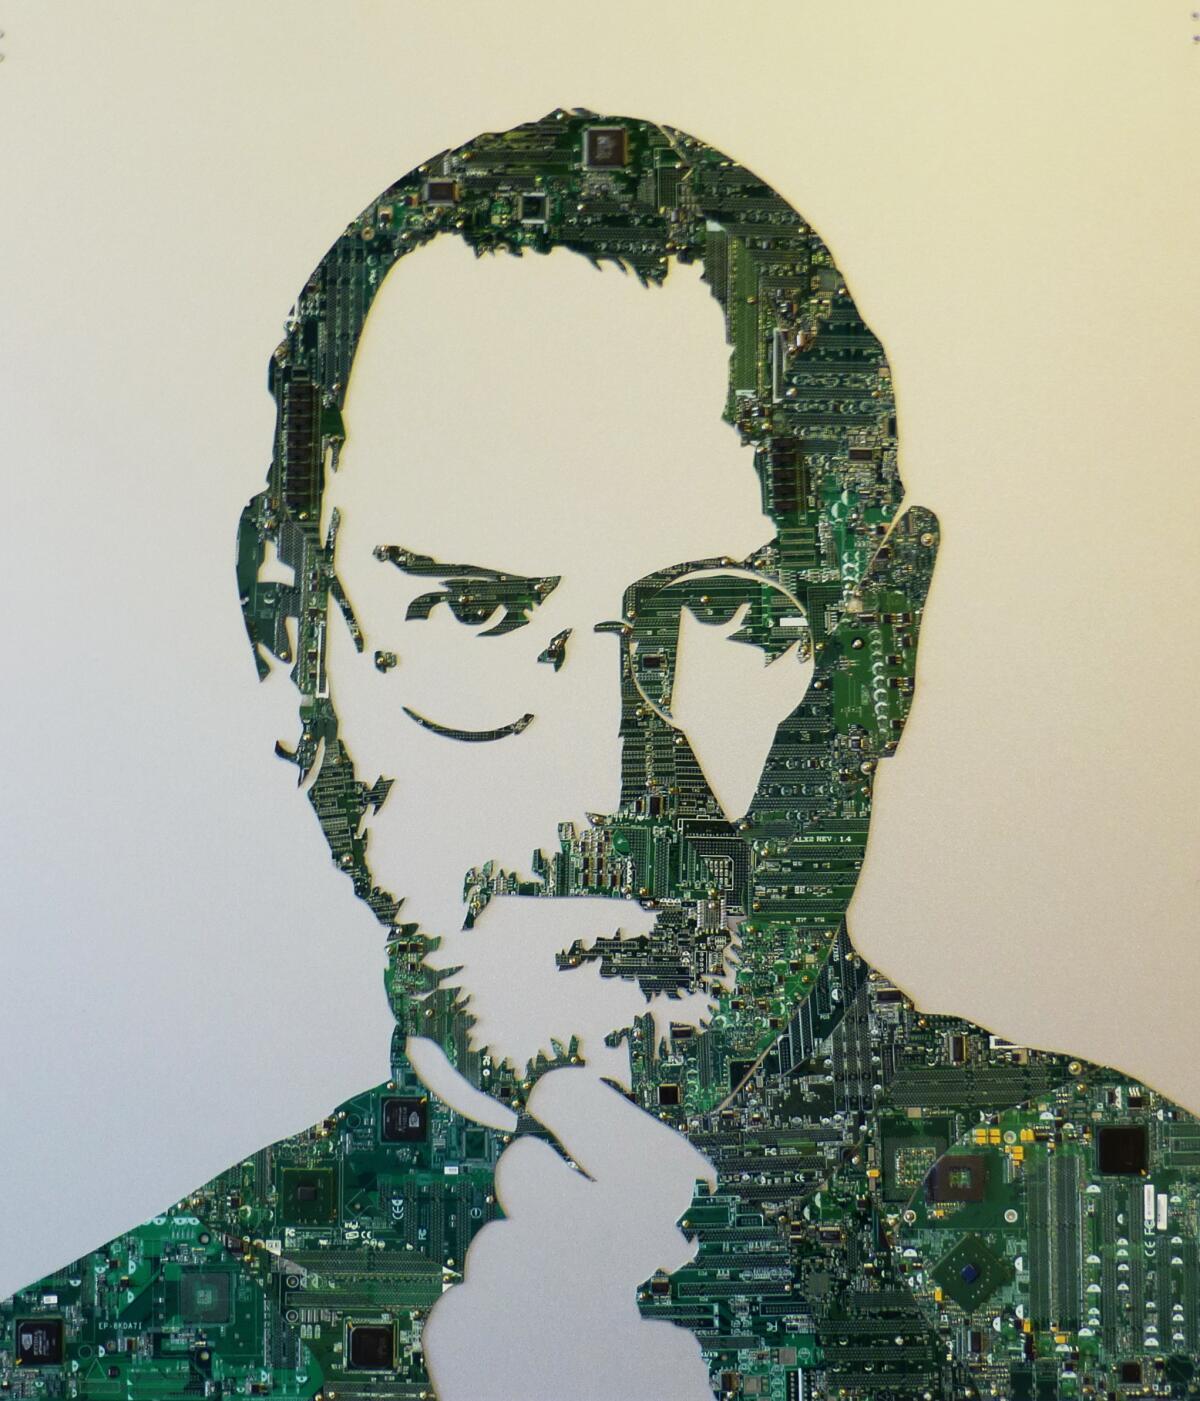 Портрет Стива Джобса, сделанный из микросхем